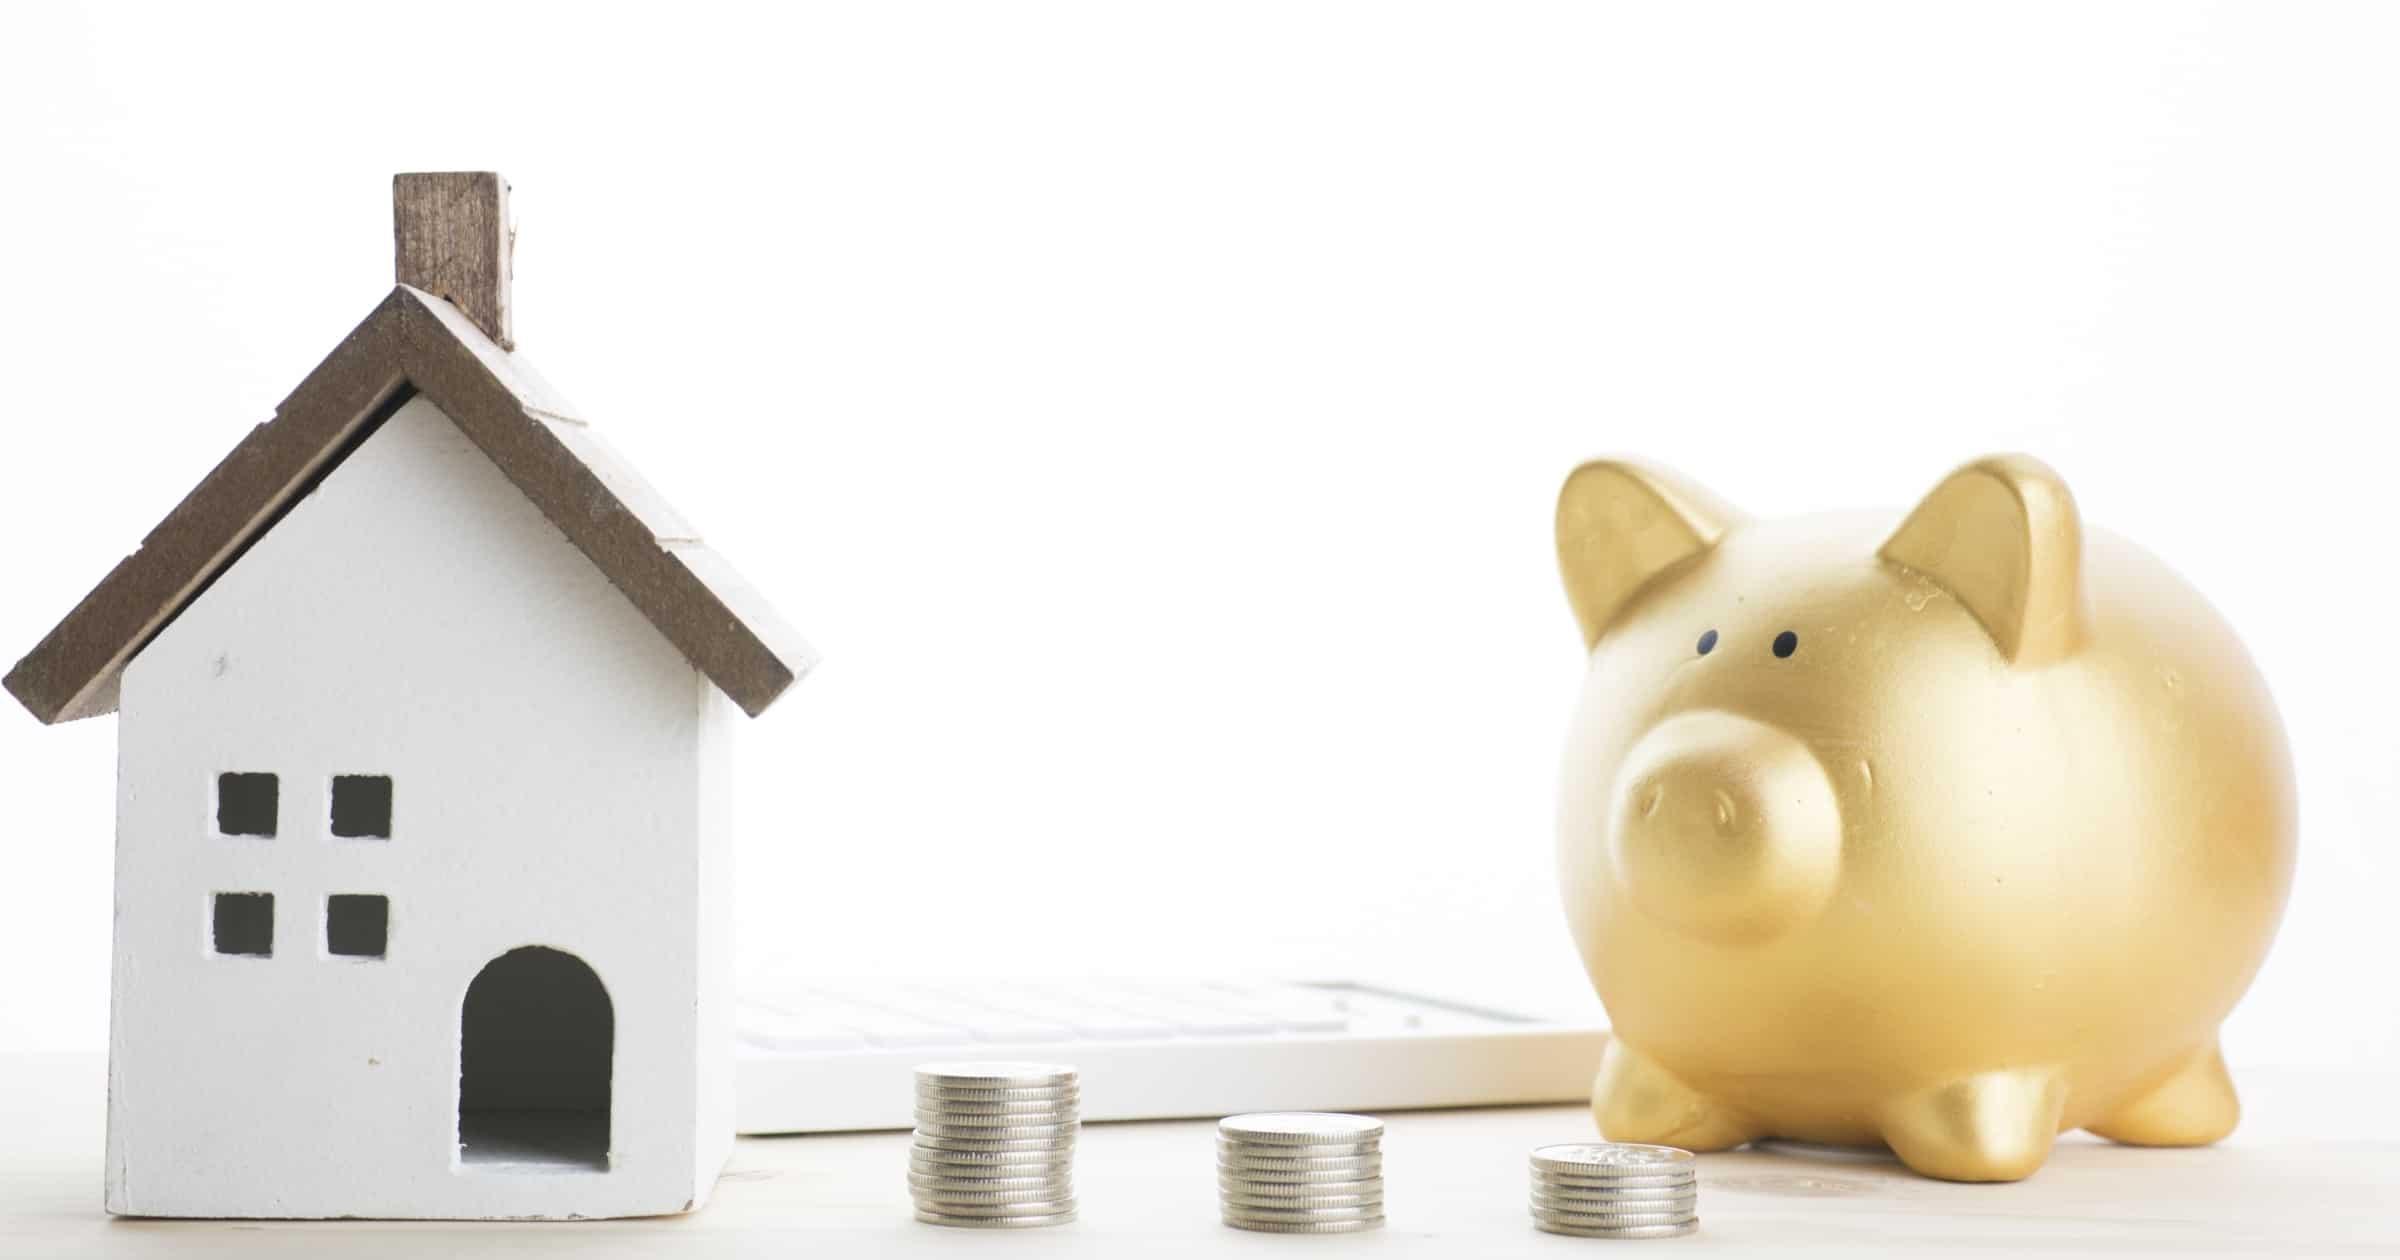 Sabia que pode poupar até 50% do que paga pelo Seguro de Vida do Crédito Habitação?